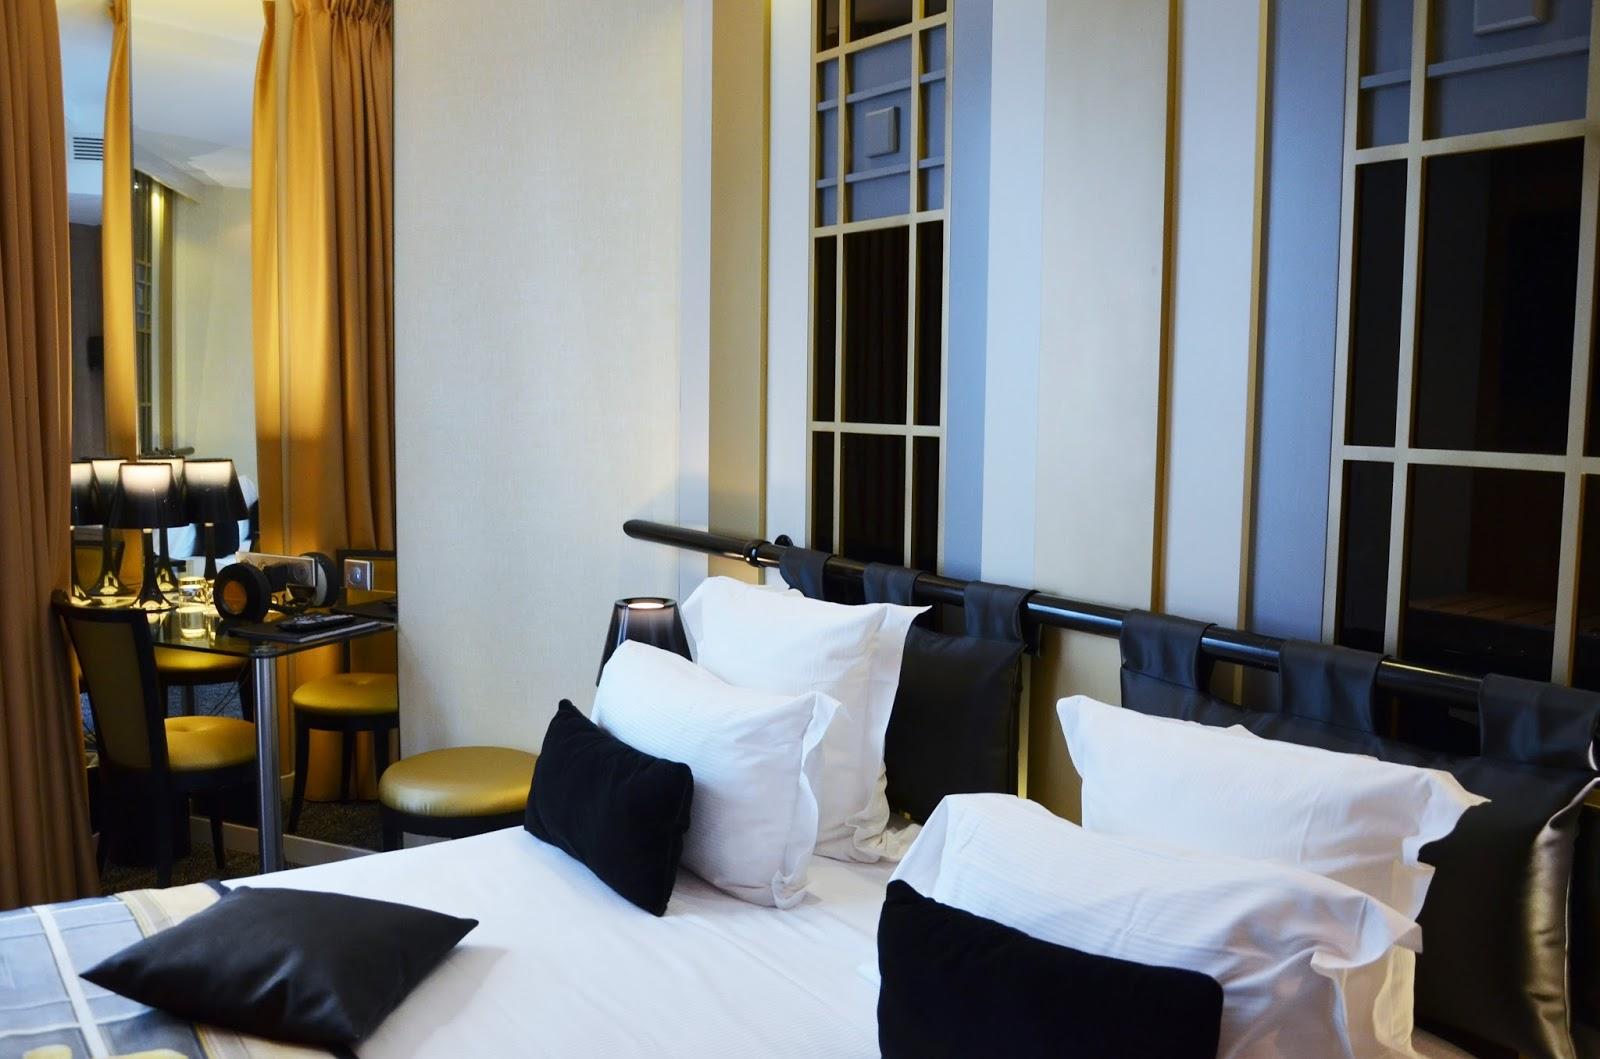 H tel design secret de paris dormir dans un monument for Hotel design secret